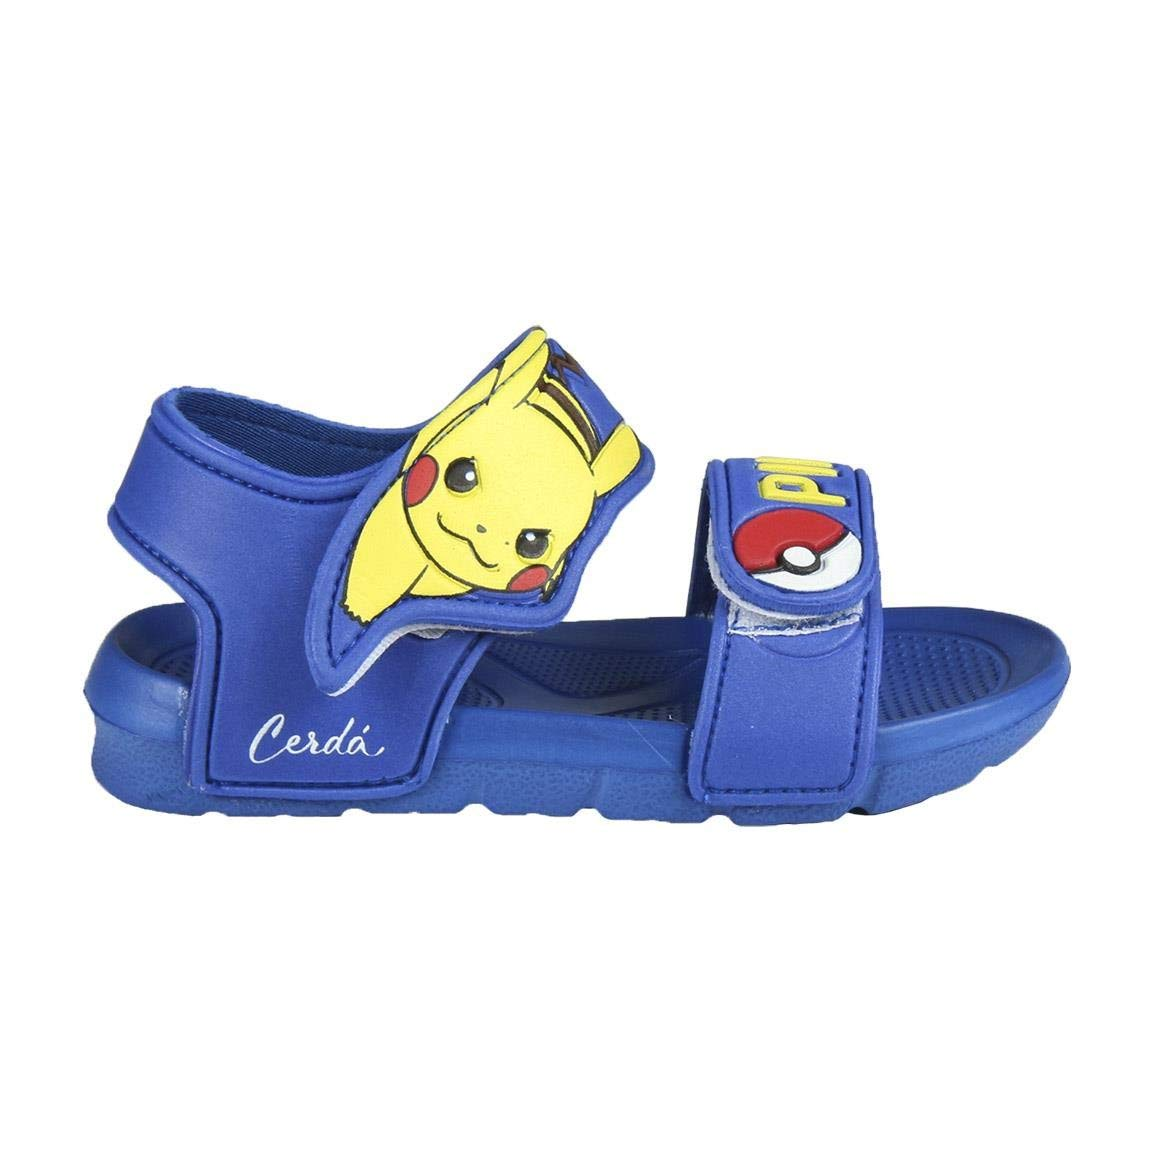 Sandalias de Playa Pokemon 6816 talla 31